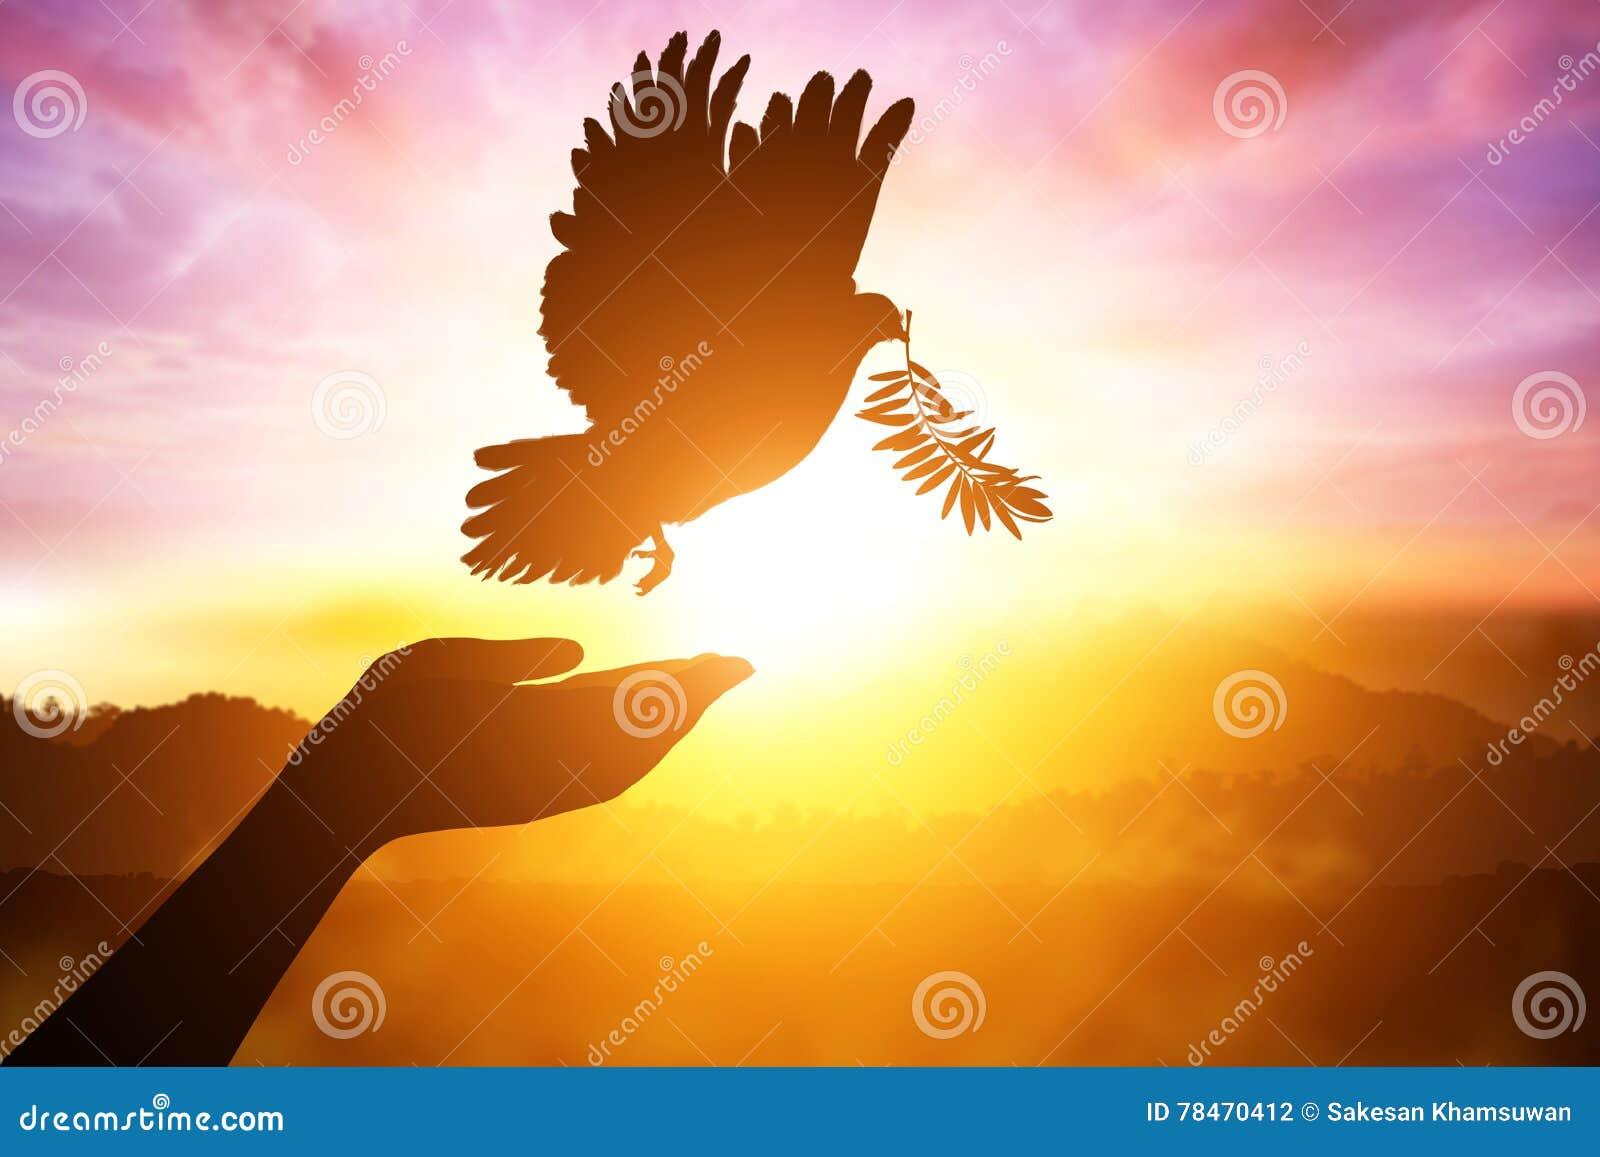 Silhouette d un désir de main à la colombe